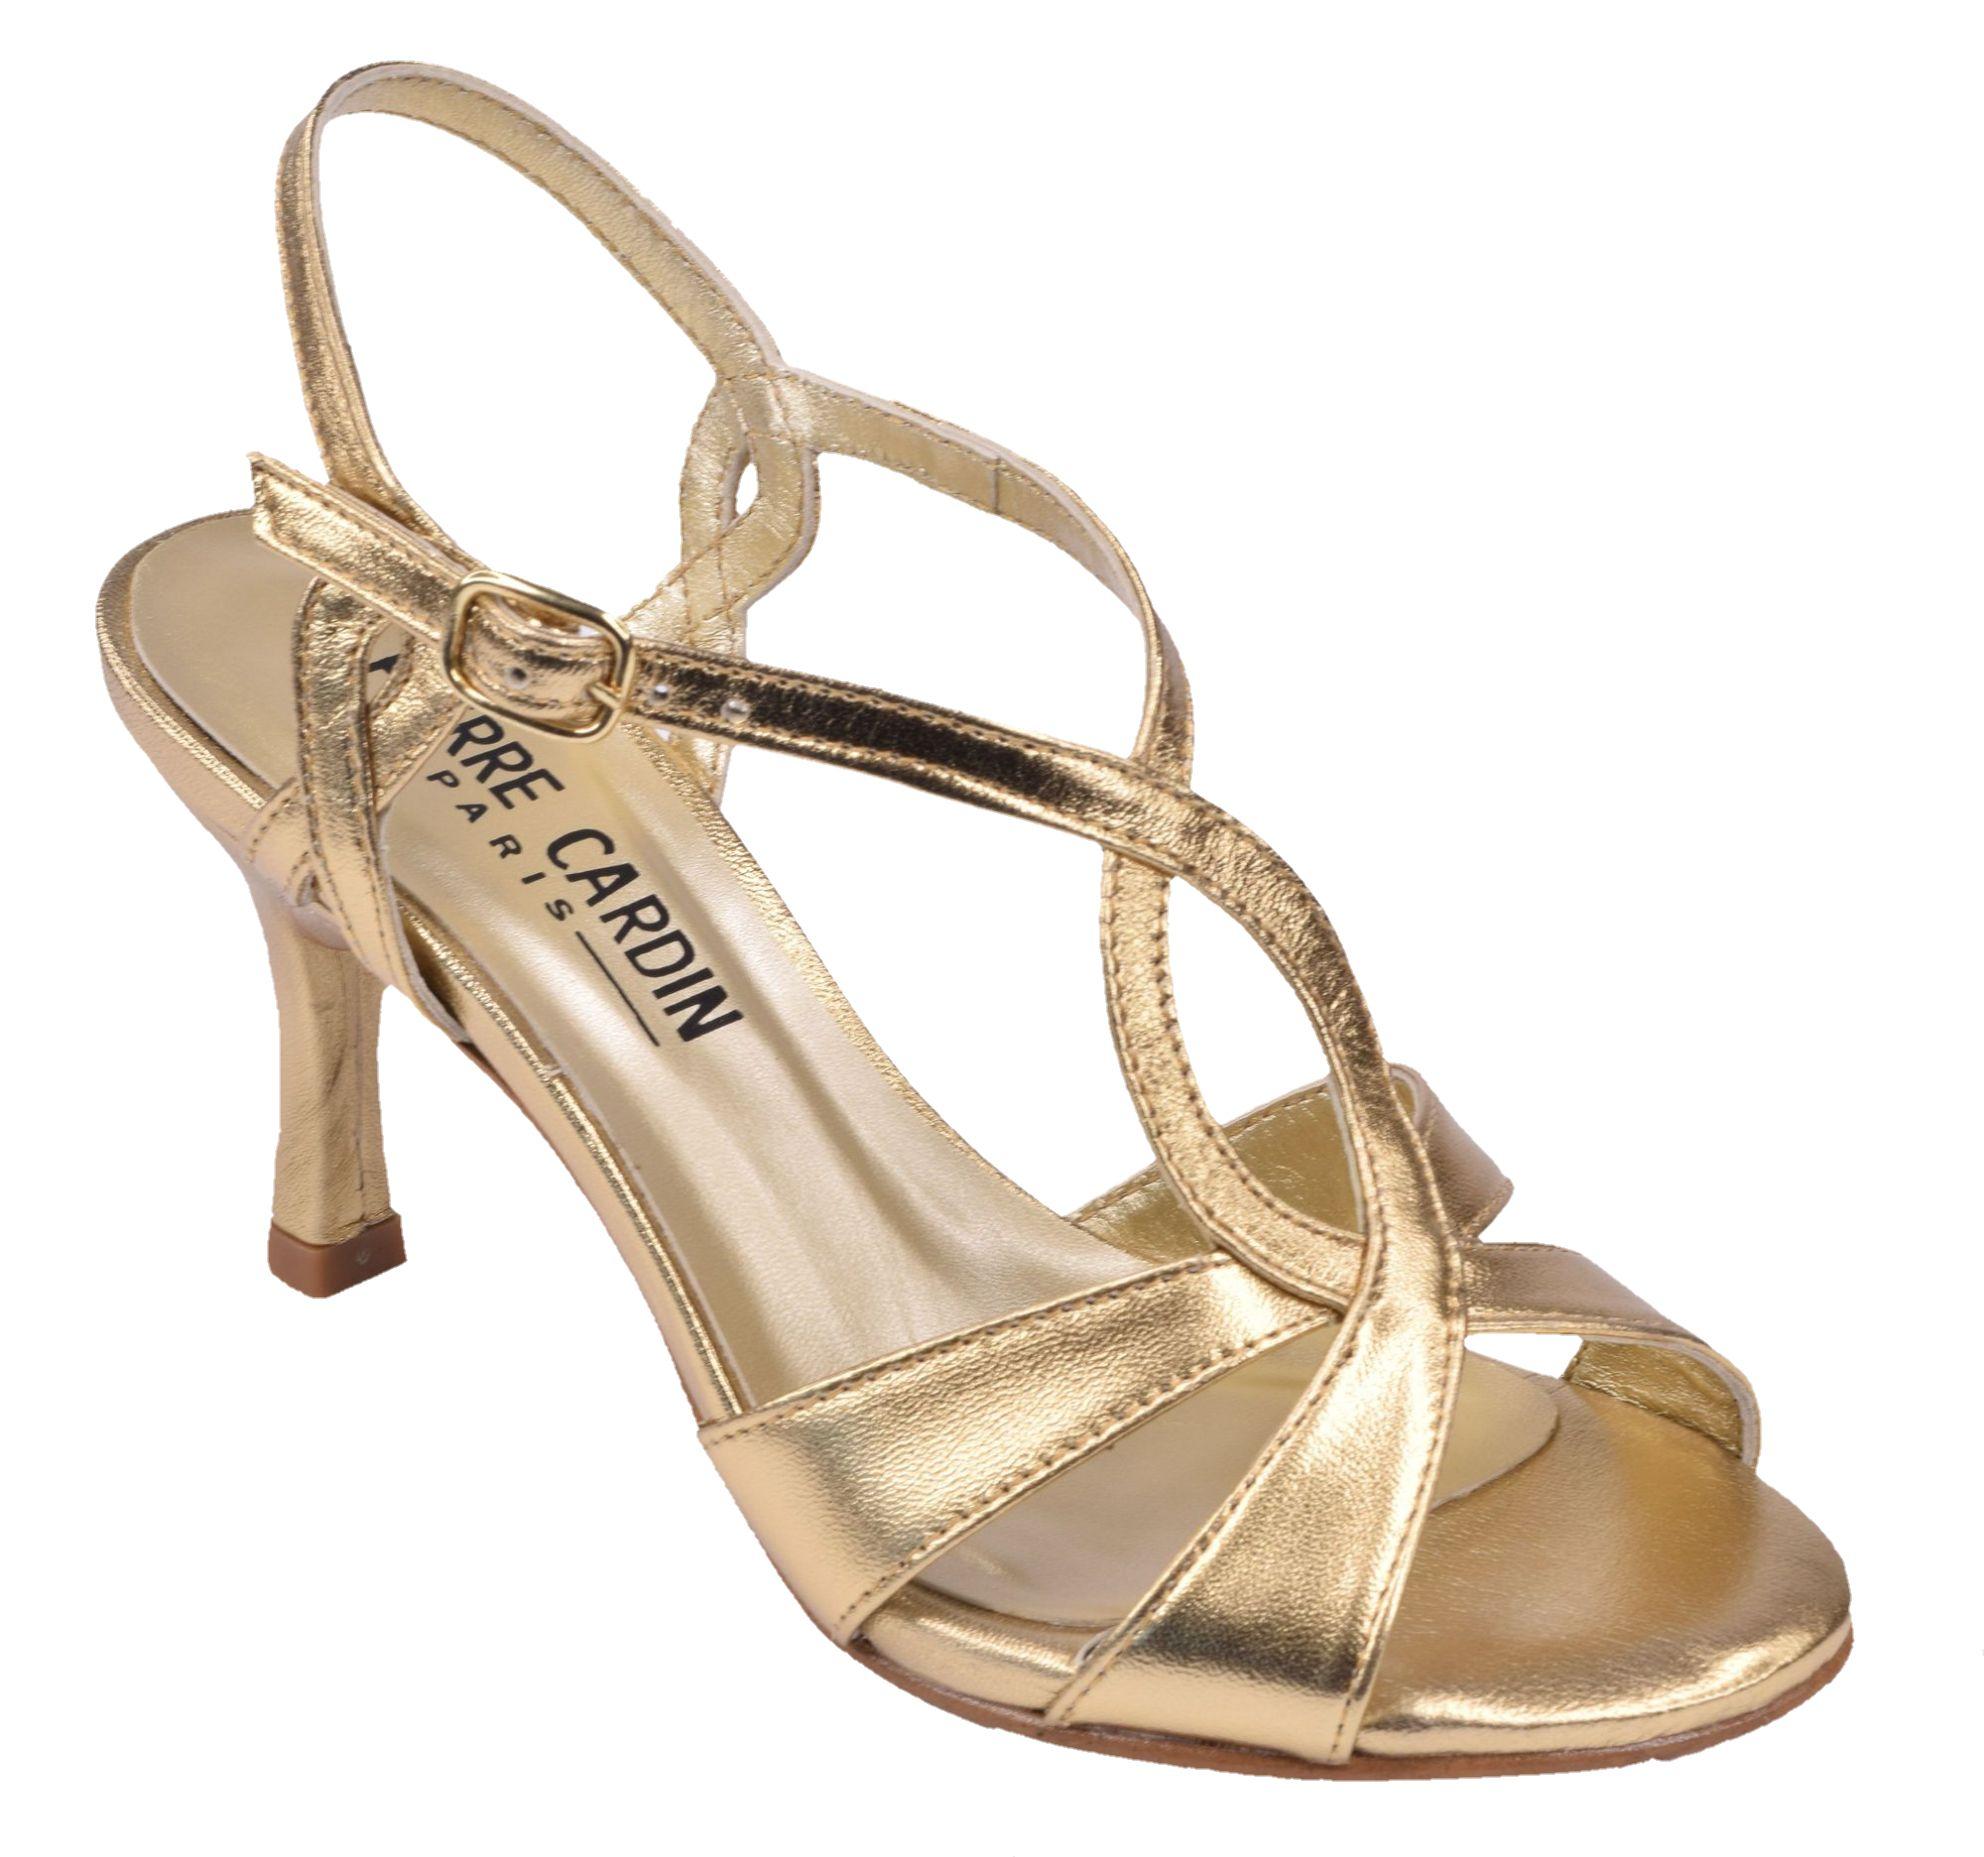 Sandales habillées femme petites pointures 33 34 Pierre Cardin